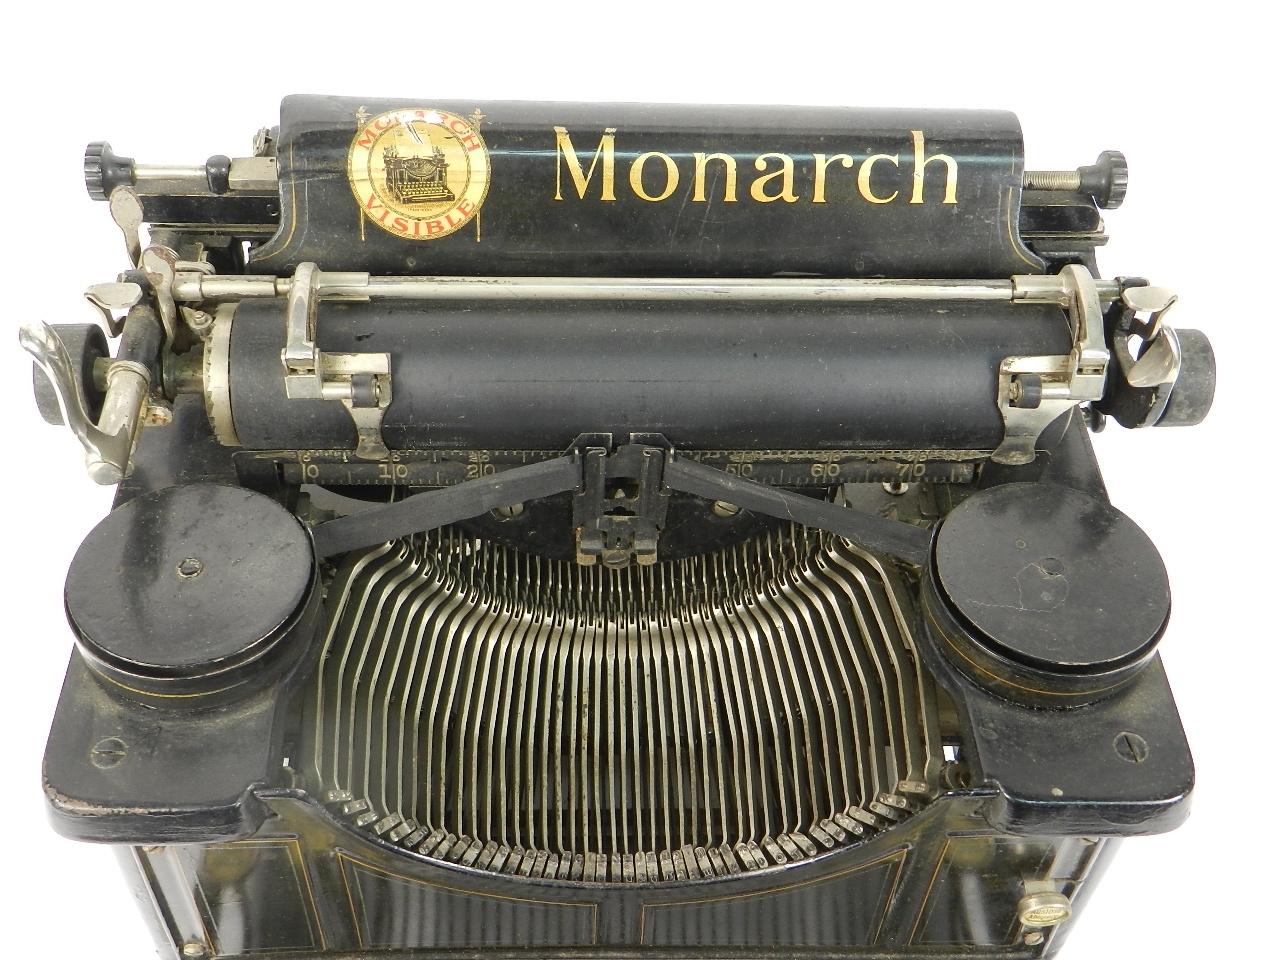 Imagen MONARCH VISIBLE Nº3 AÑO 1915 31258